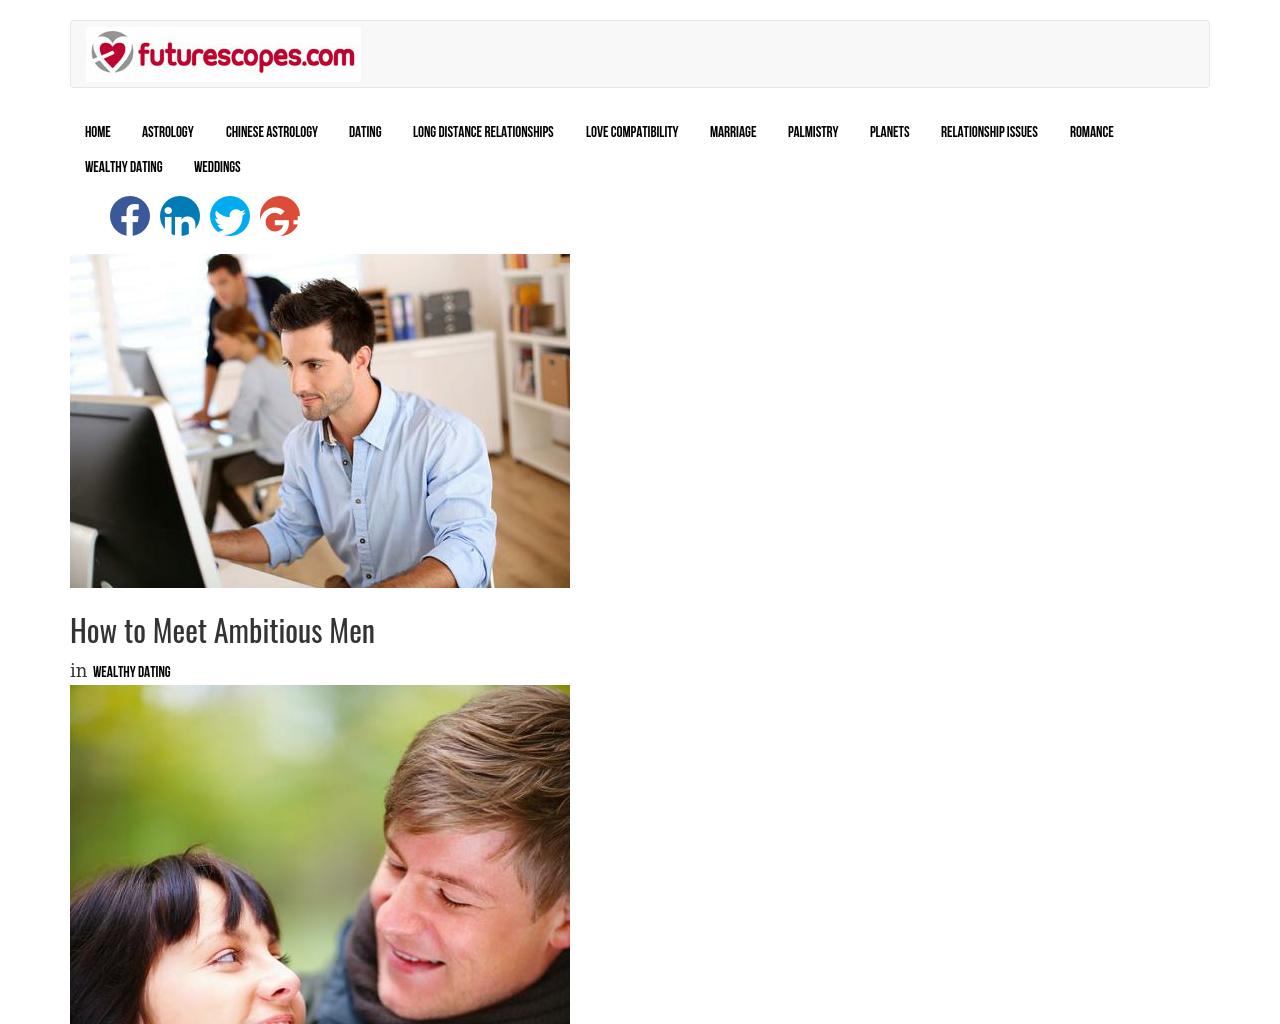 futurescopes.com-Advertising-Reviews-Pricing